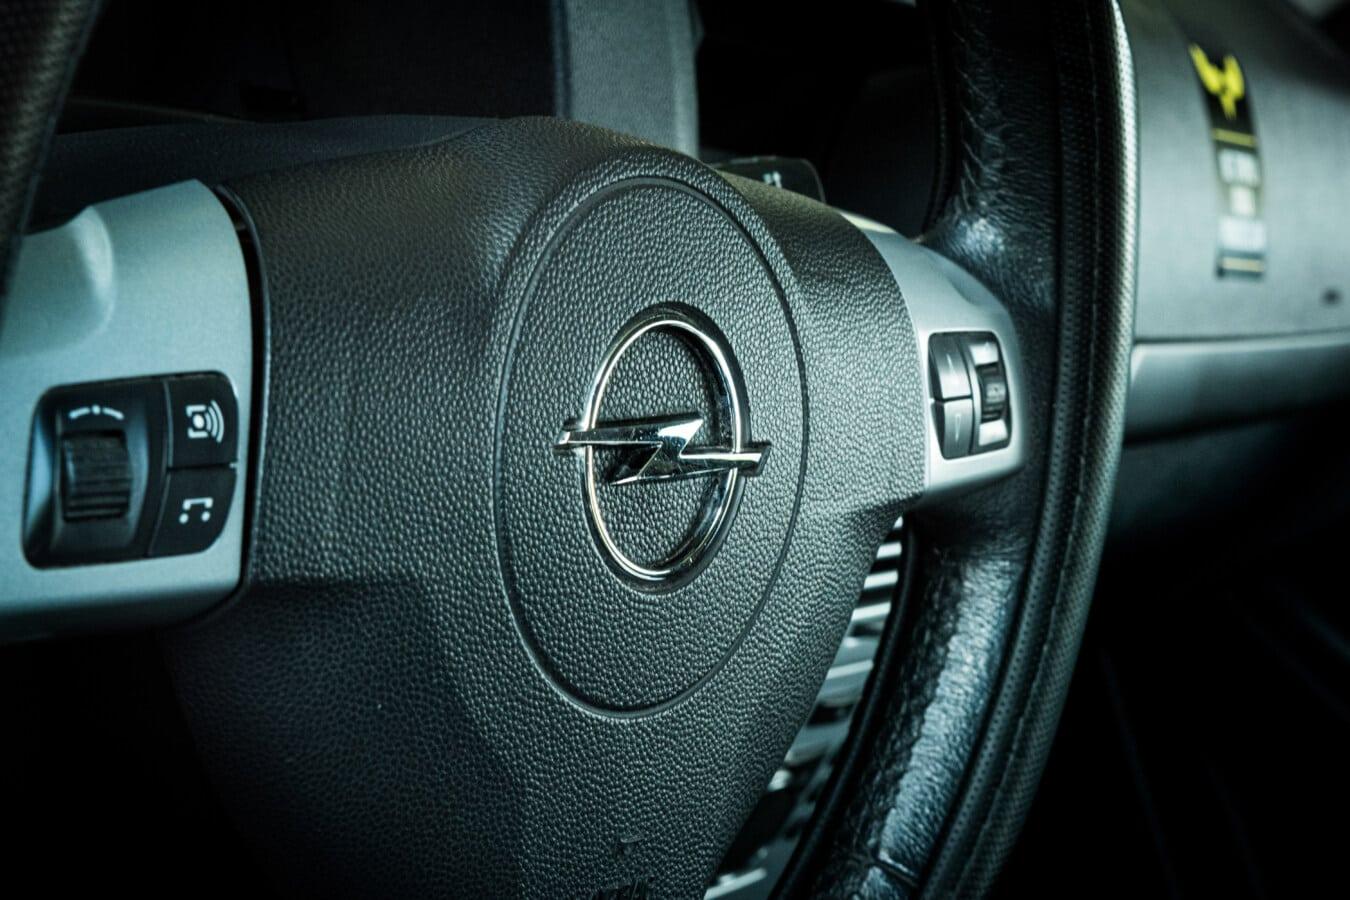 volant de direction, Airbags, tableau de bord, voiture, panneau de commande, véhicule, en voiture, sécurité, chrome, technologie